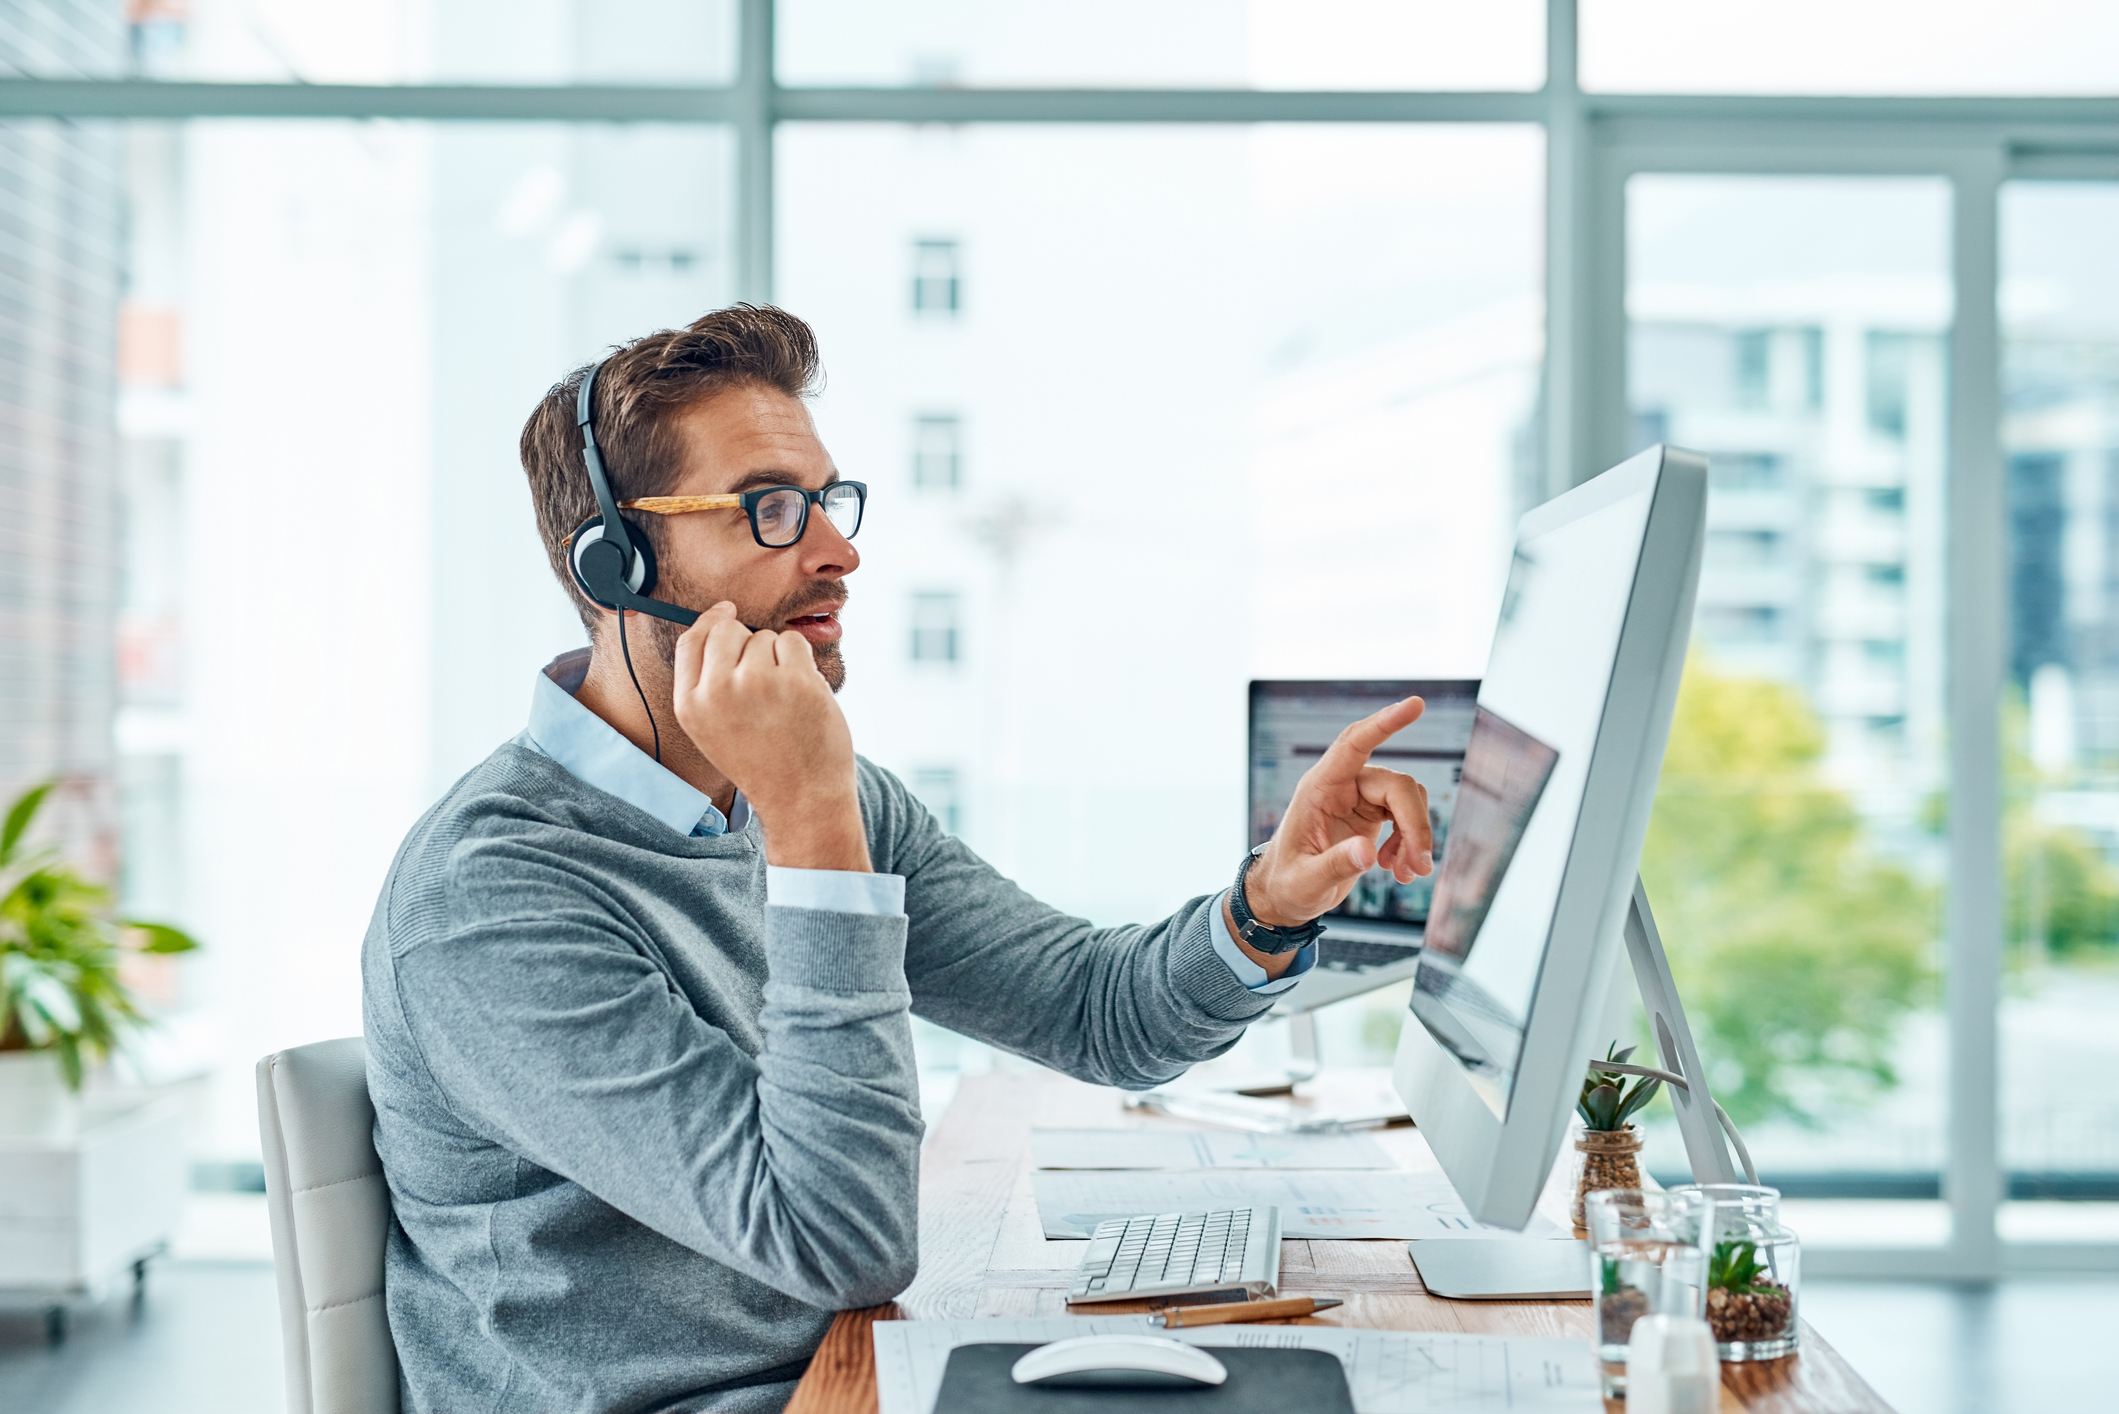 5-motivos-por-los-que-la-atencion-al-cliente-debe-de-estar-el-centro-de-tu-proceso-de-digitalizacion